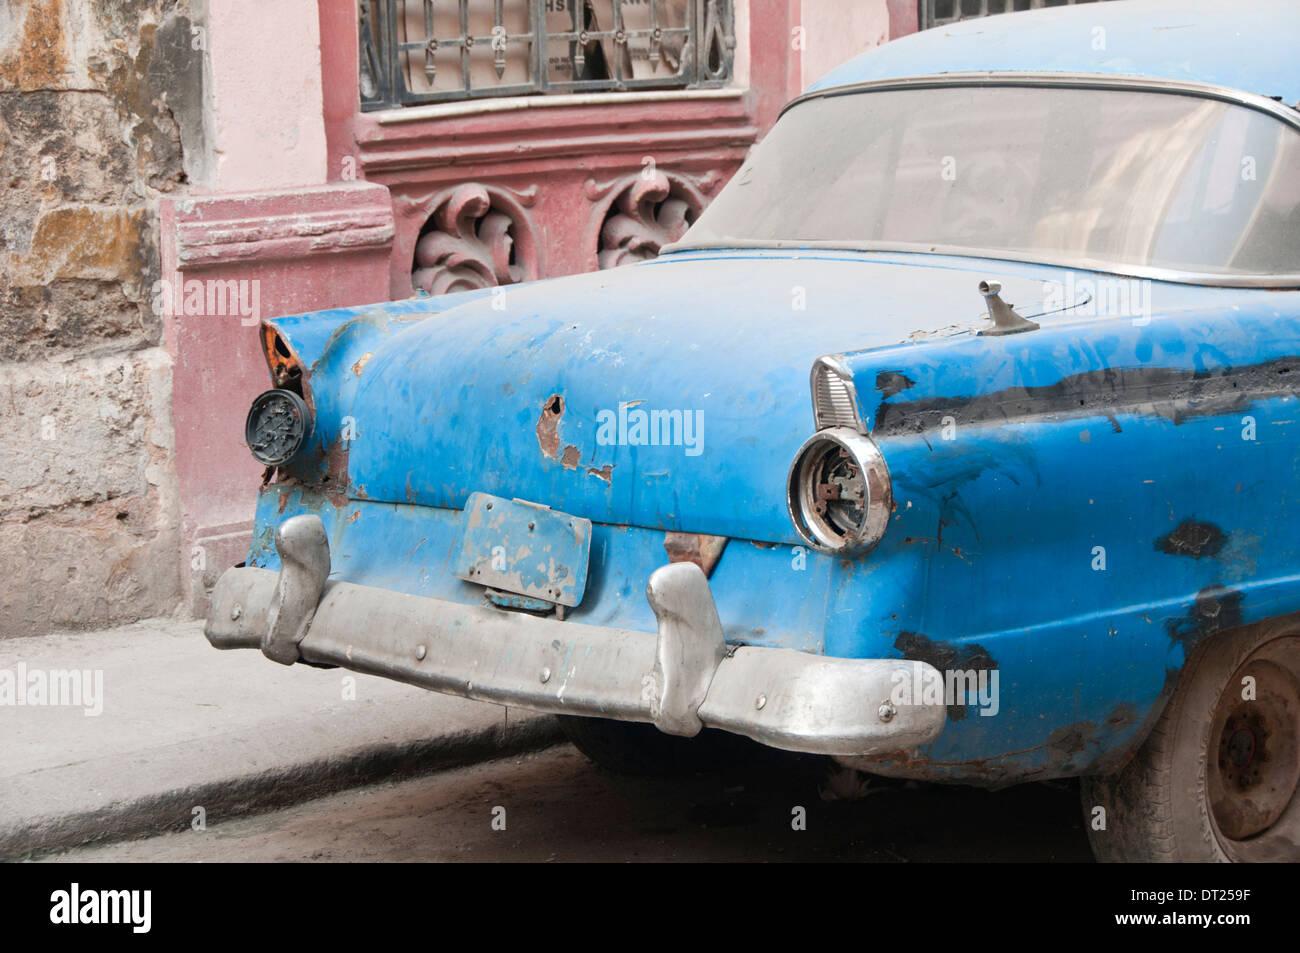 old rusted vintage car stockfotos old rusted vintage car bilder alamy. Black Bedroom Furniture Sets. Home Design Ideas